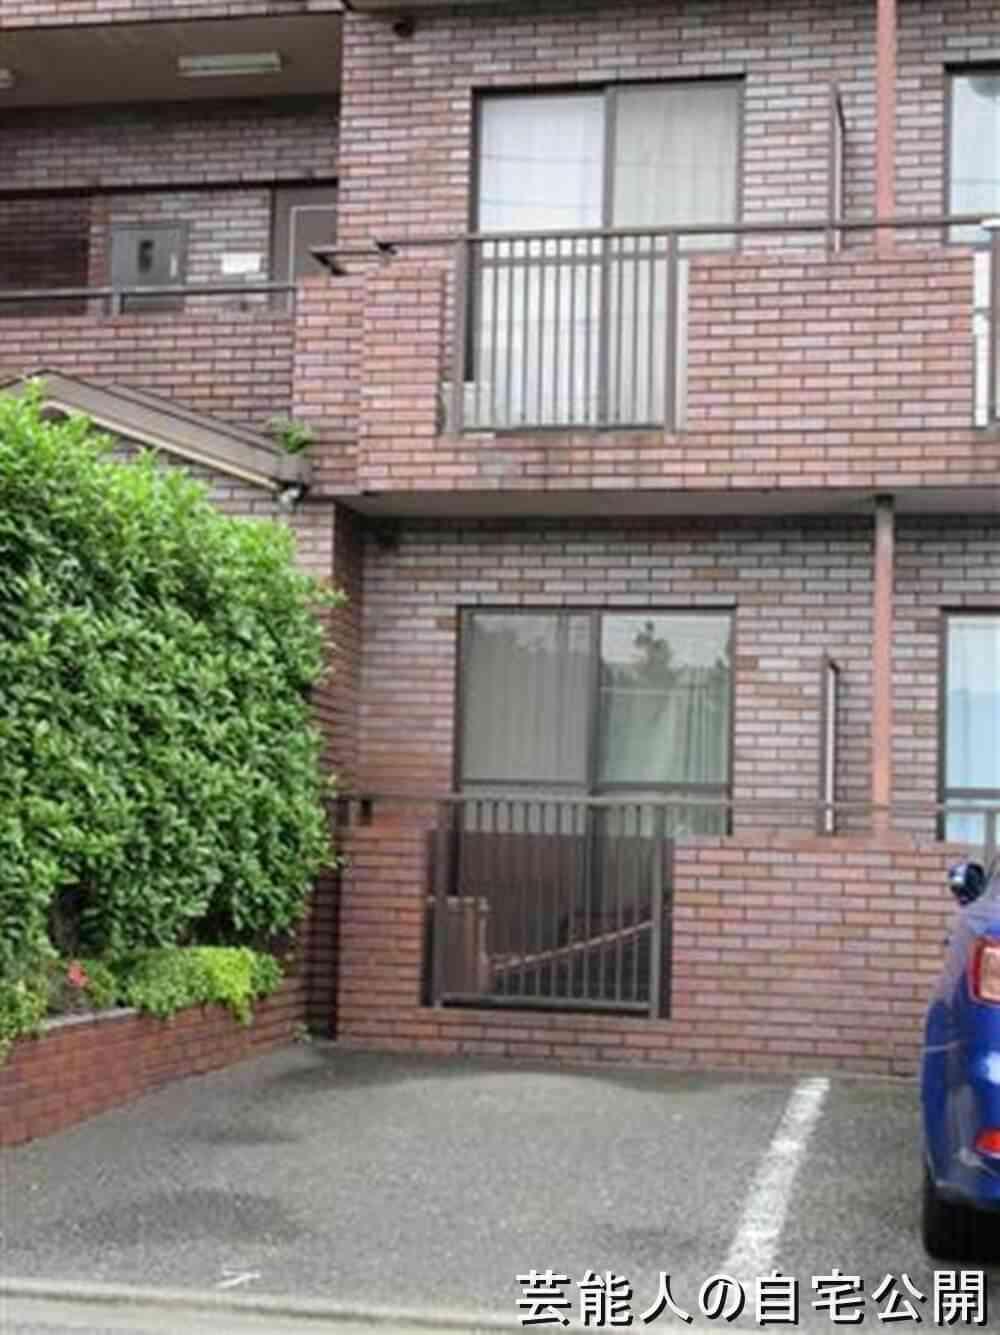 田中聖容疑者の自宅を家宅捜索…同居?女性も任意同行か